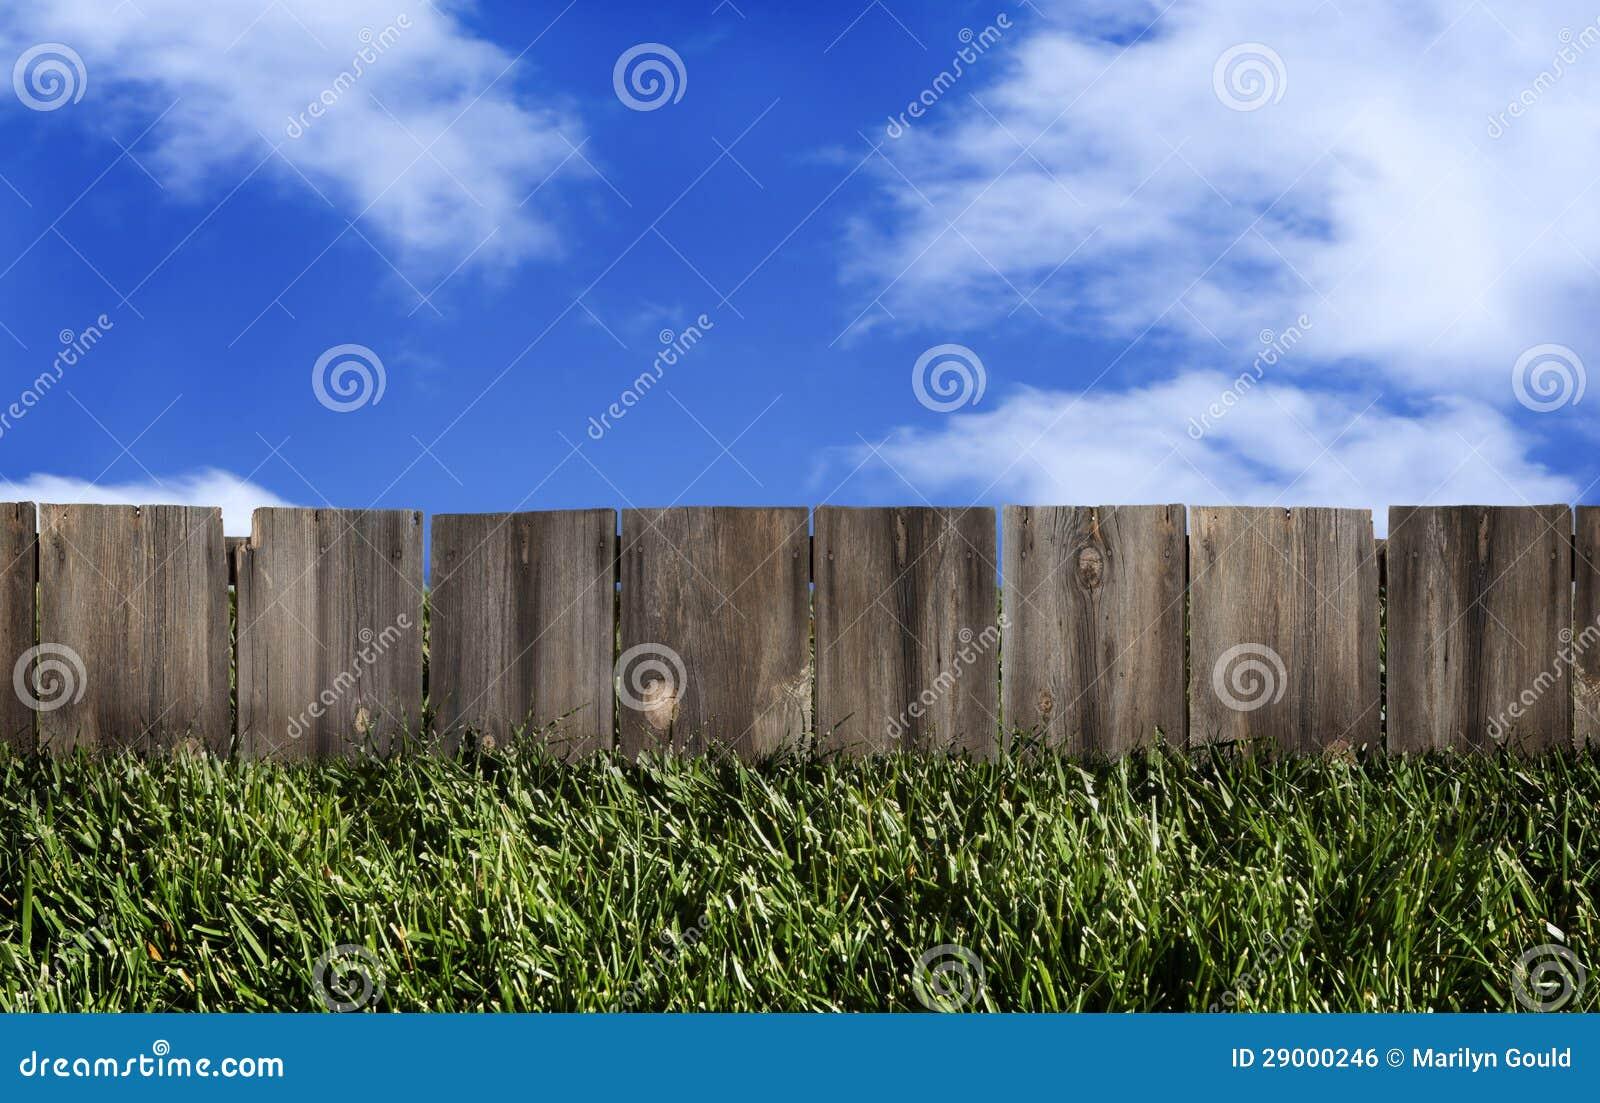 De houten Blauwe Hemel van de Omheining